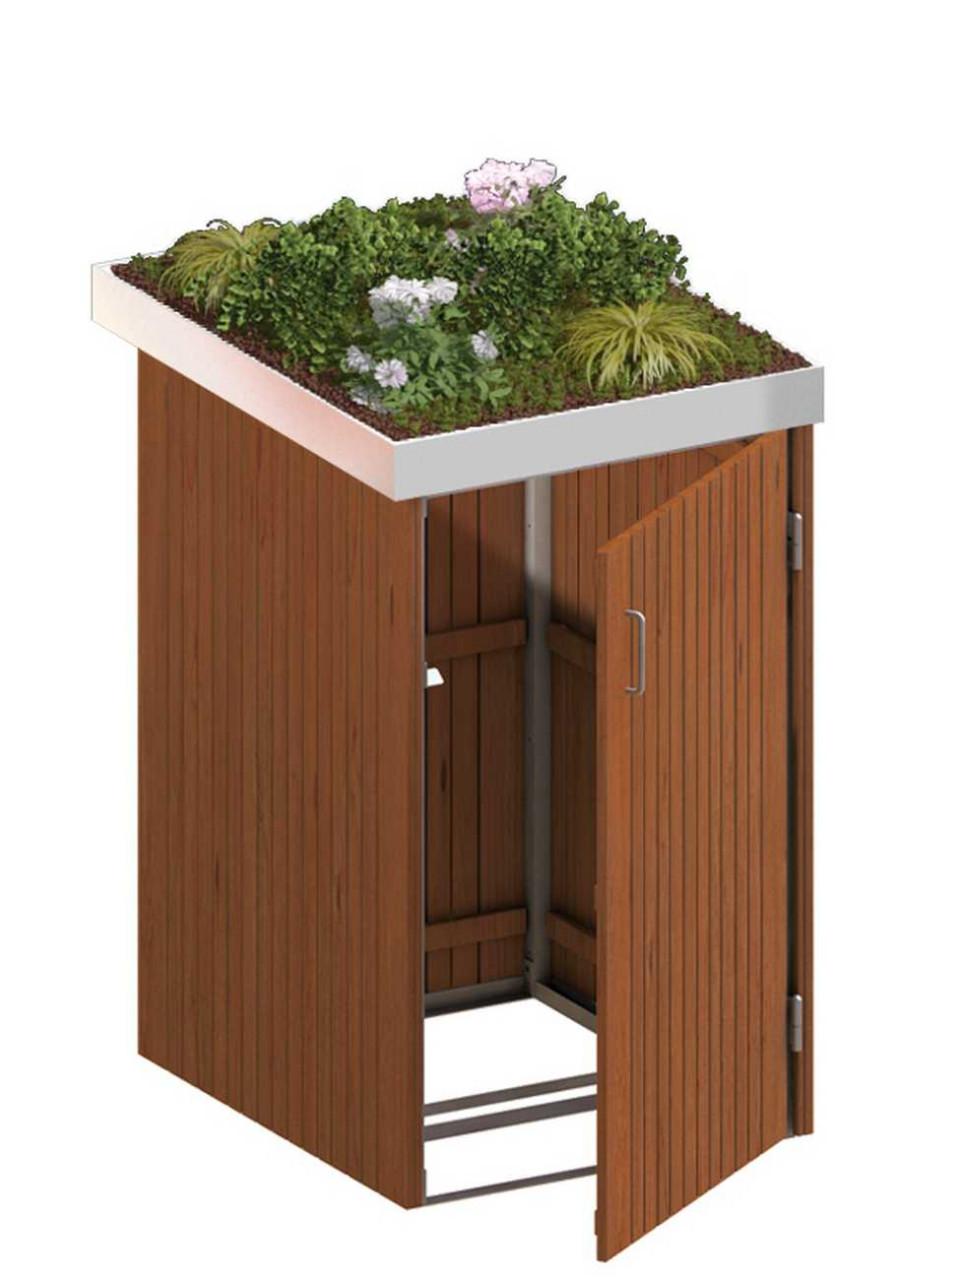 Binto Mülltonnenbox mit Hartholz-Verkleidung und Edelstahl-Pflanzschale